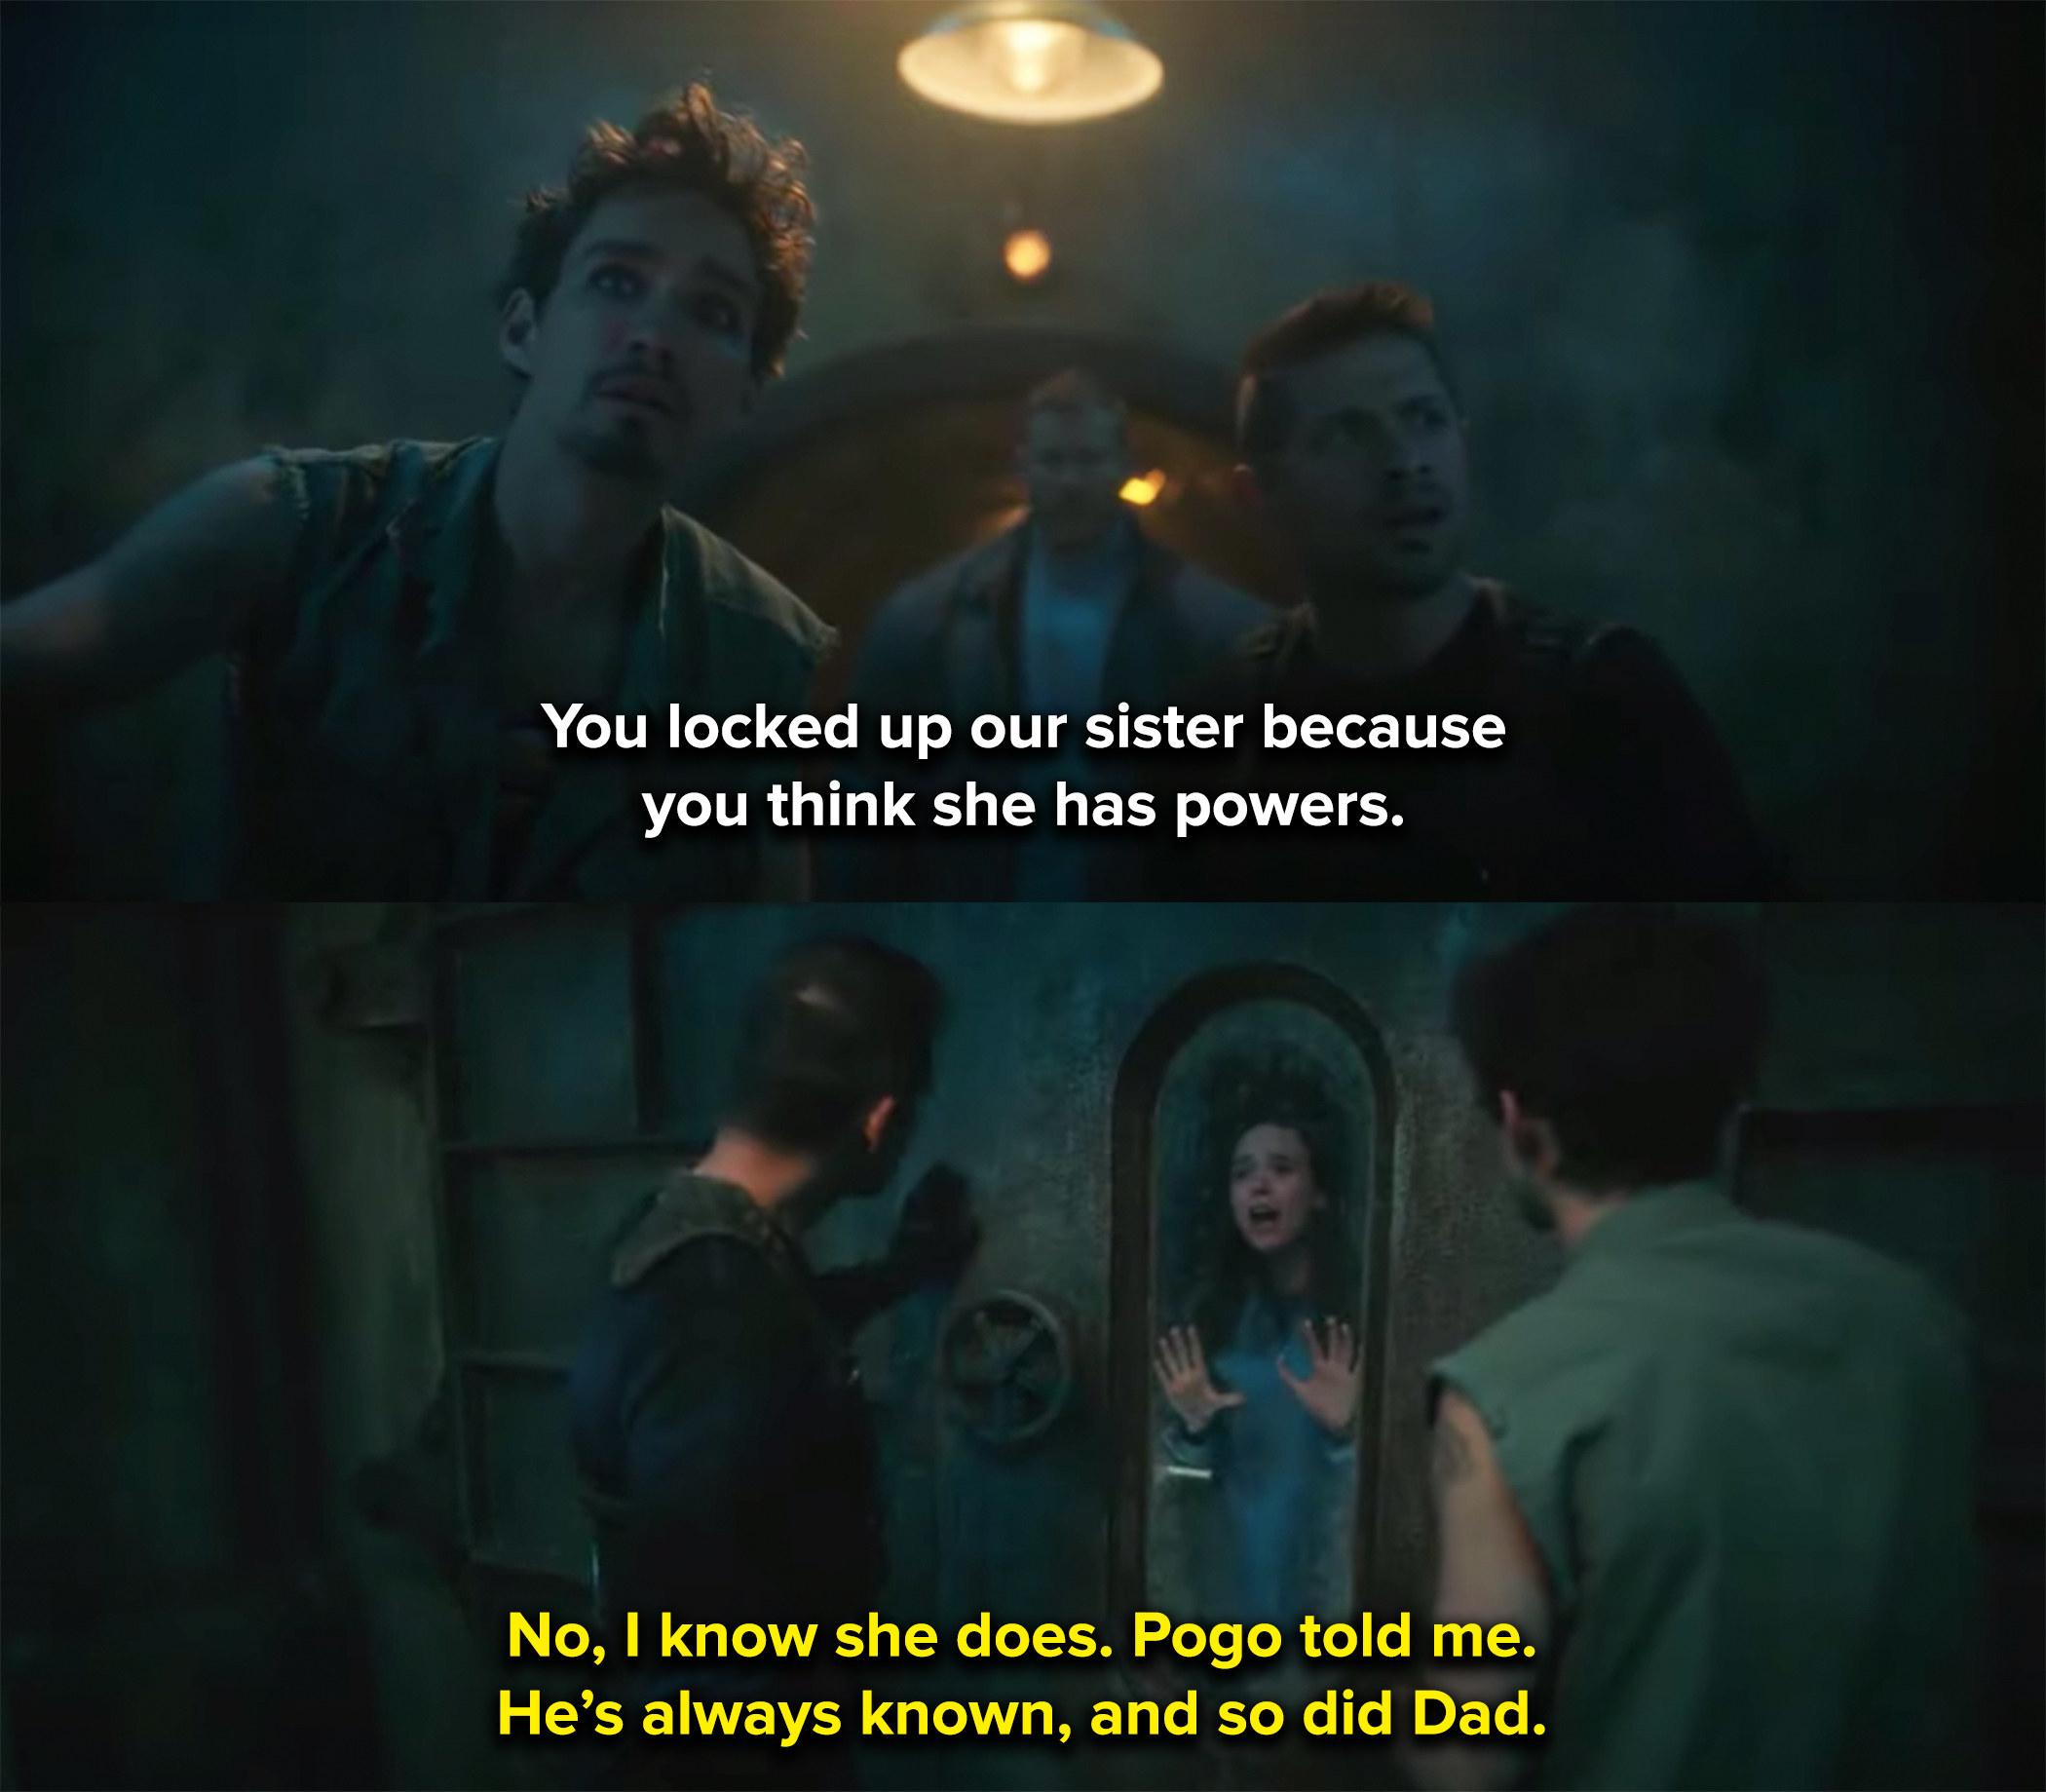 Luke locks up Vanya because he knows she has powers